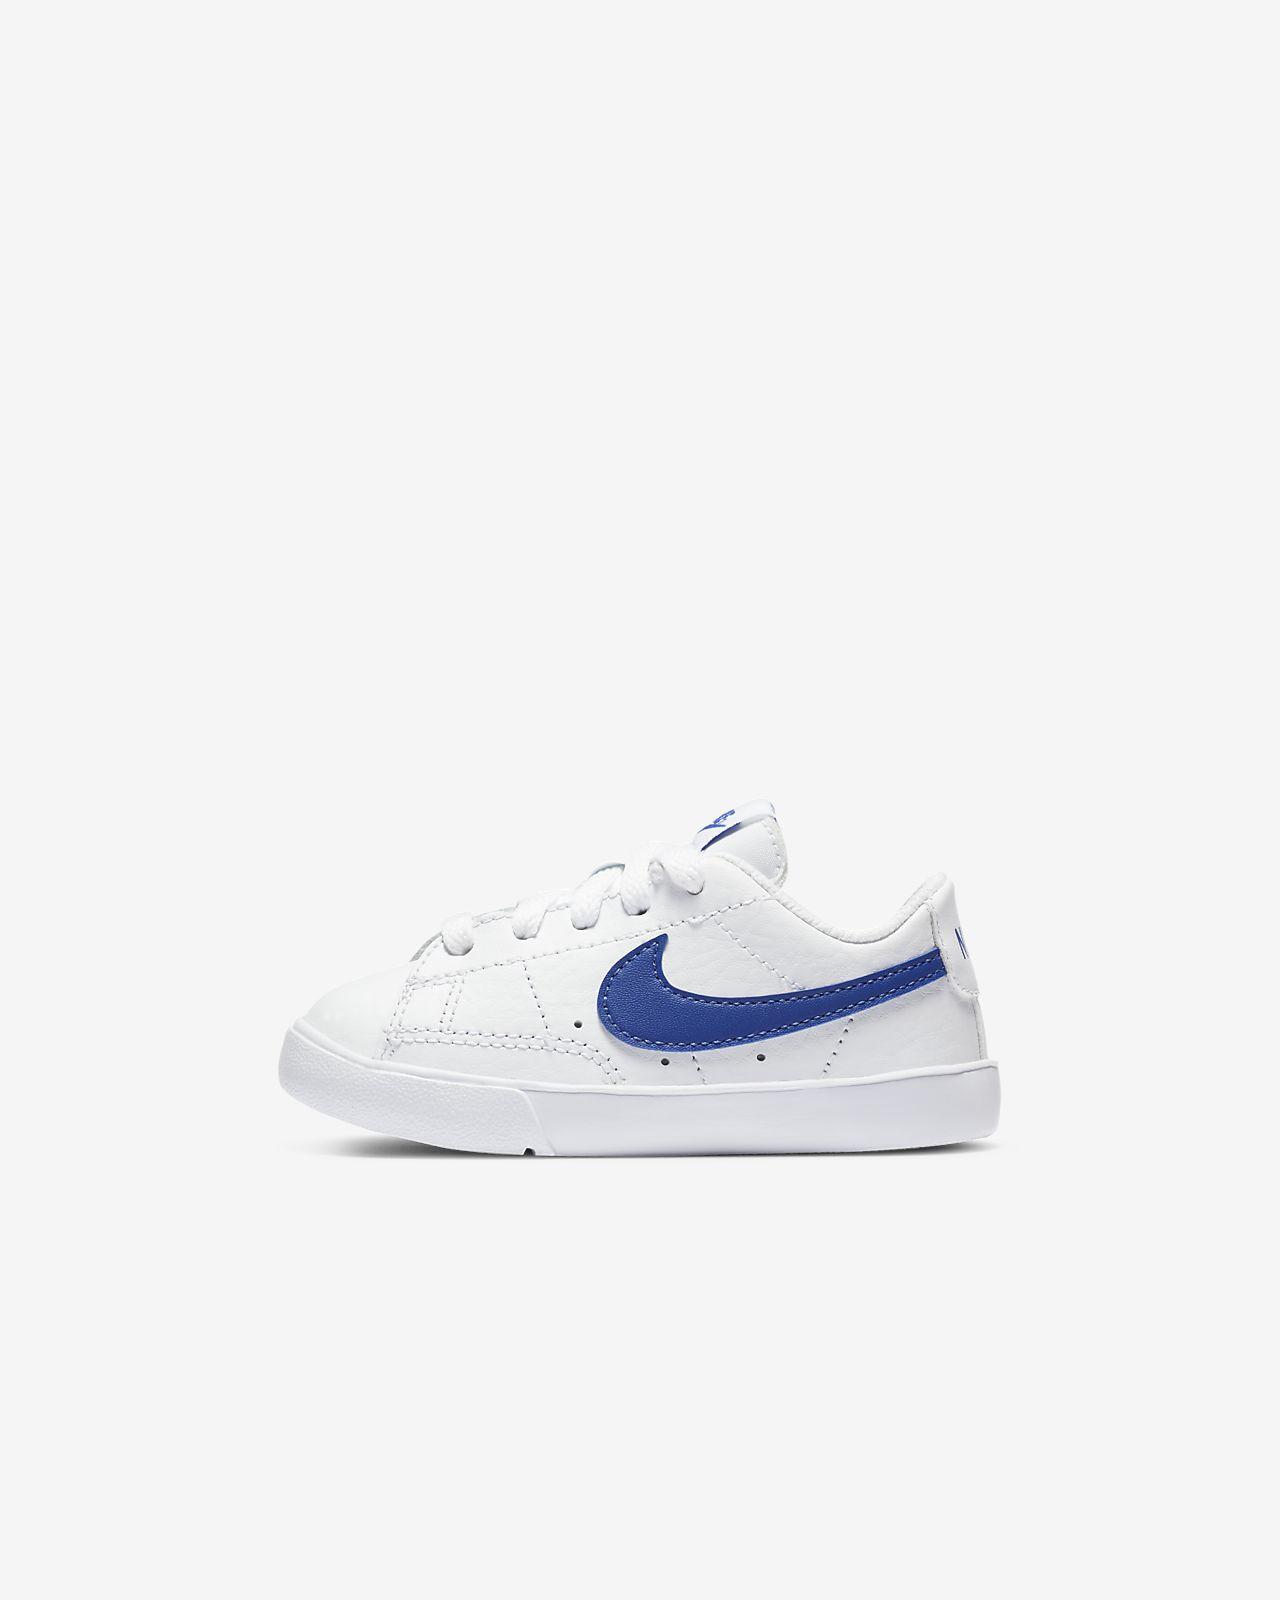 Nike Blazer Low Sabatilles - Nadó i infant